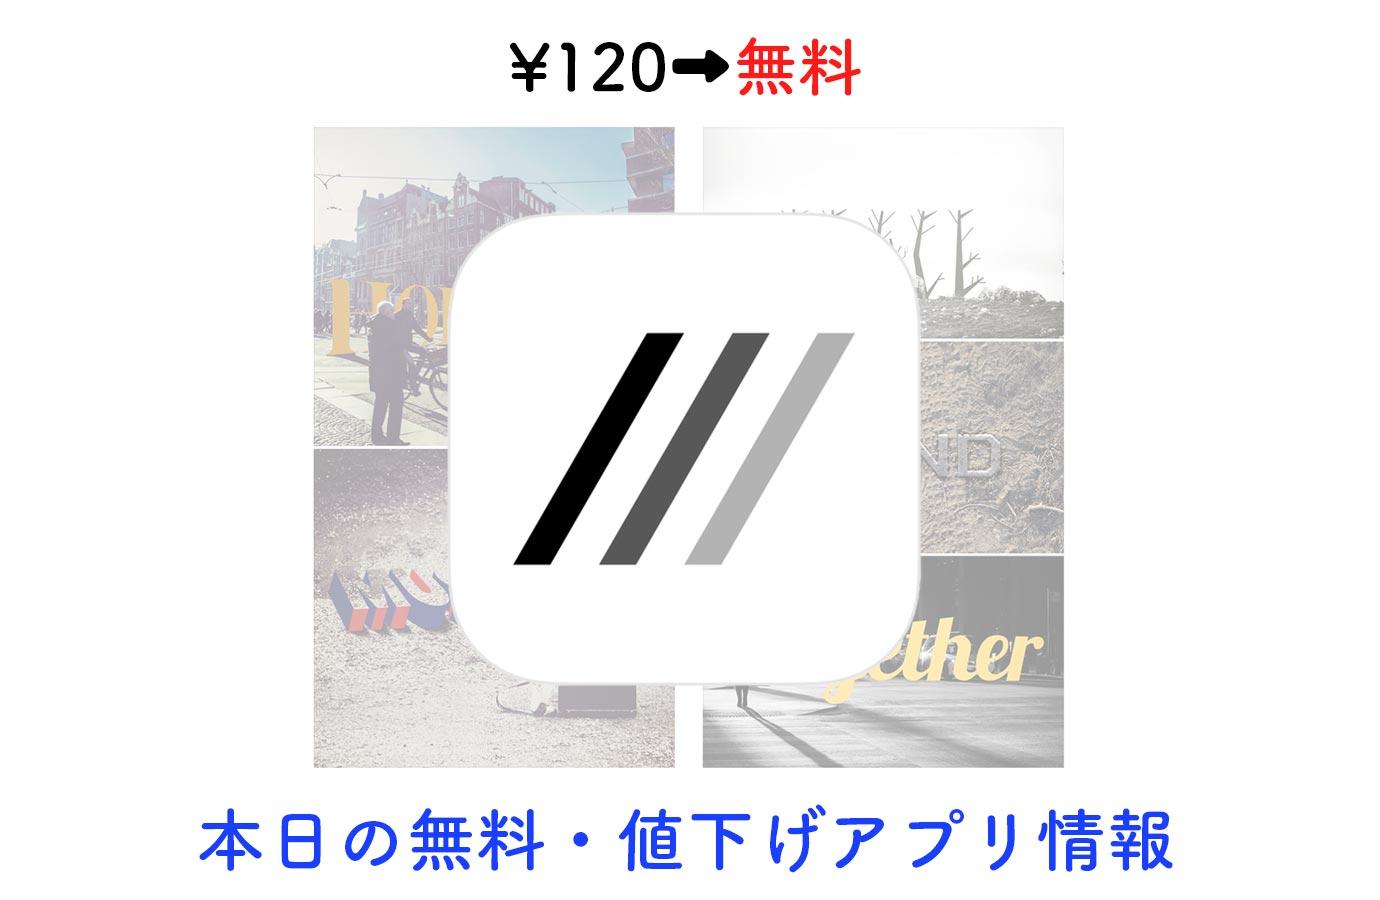 ¥120→無料、写真にオシャレなテキストやアートワークを追加できる「OVLA」など【10/16】本日の無料・値下げアプリ情報